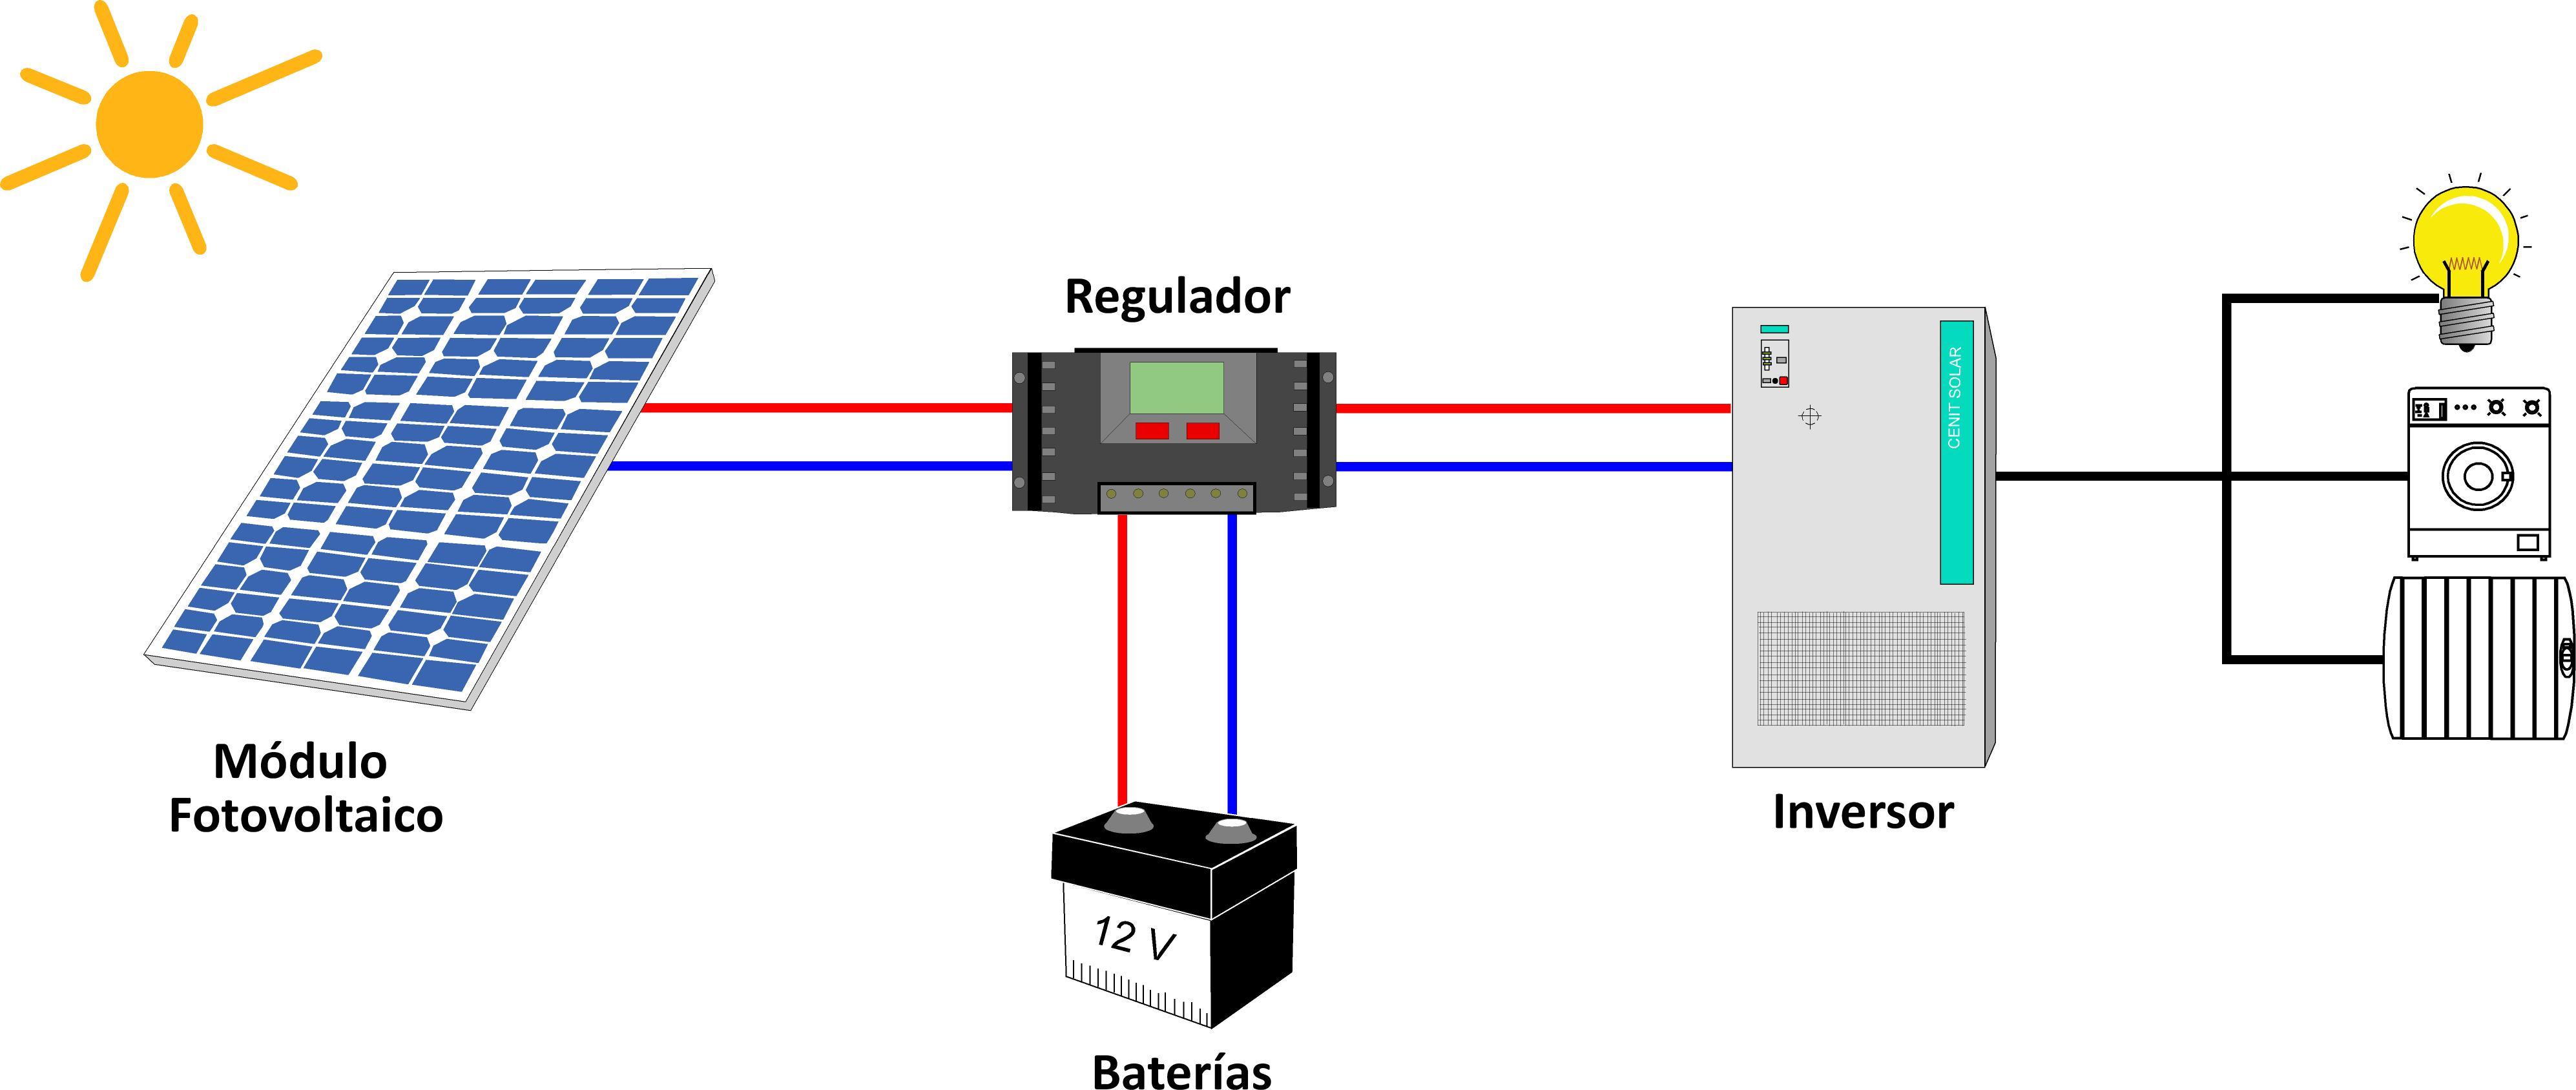 Esquema de una instalaci n fotovoltaica medioambiente y for Instalacion fotovoltaica conectada a red